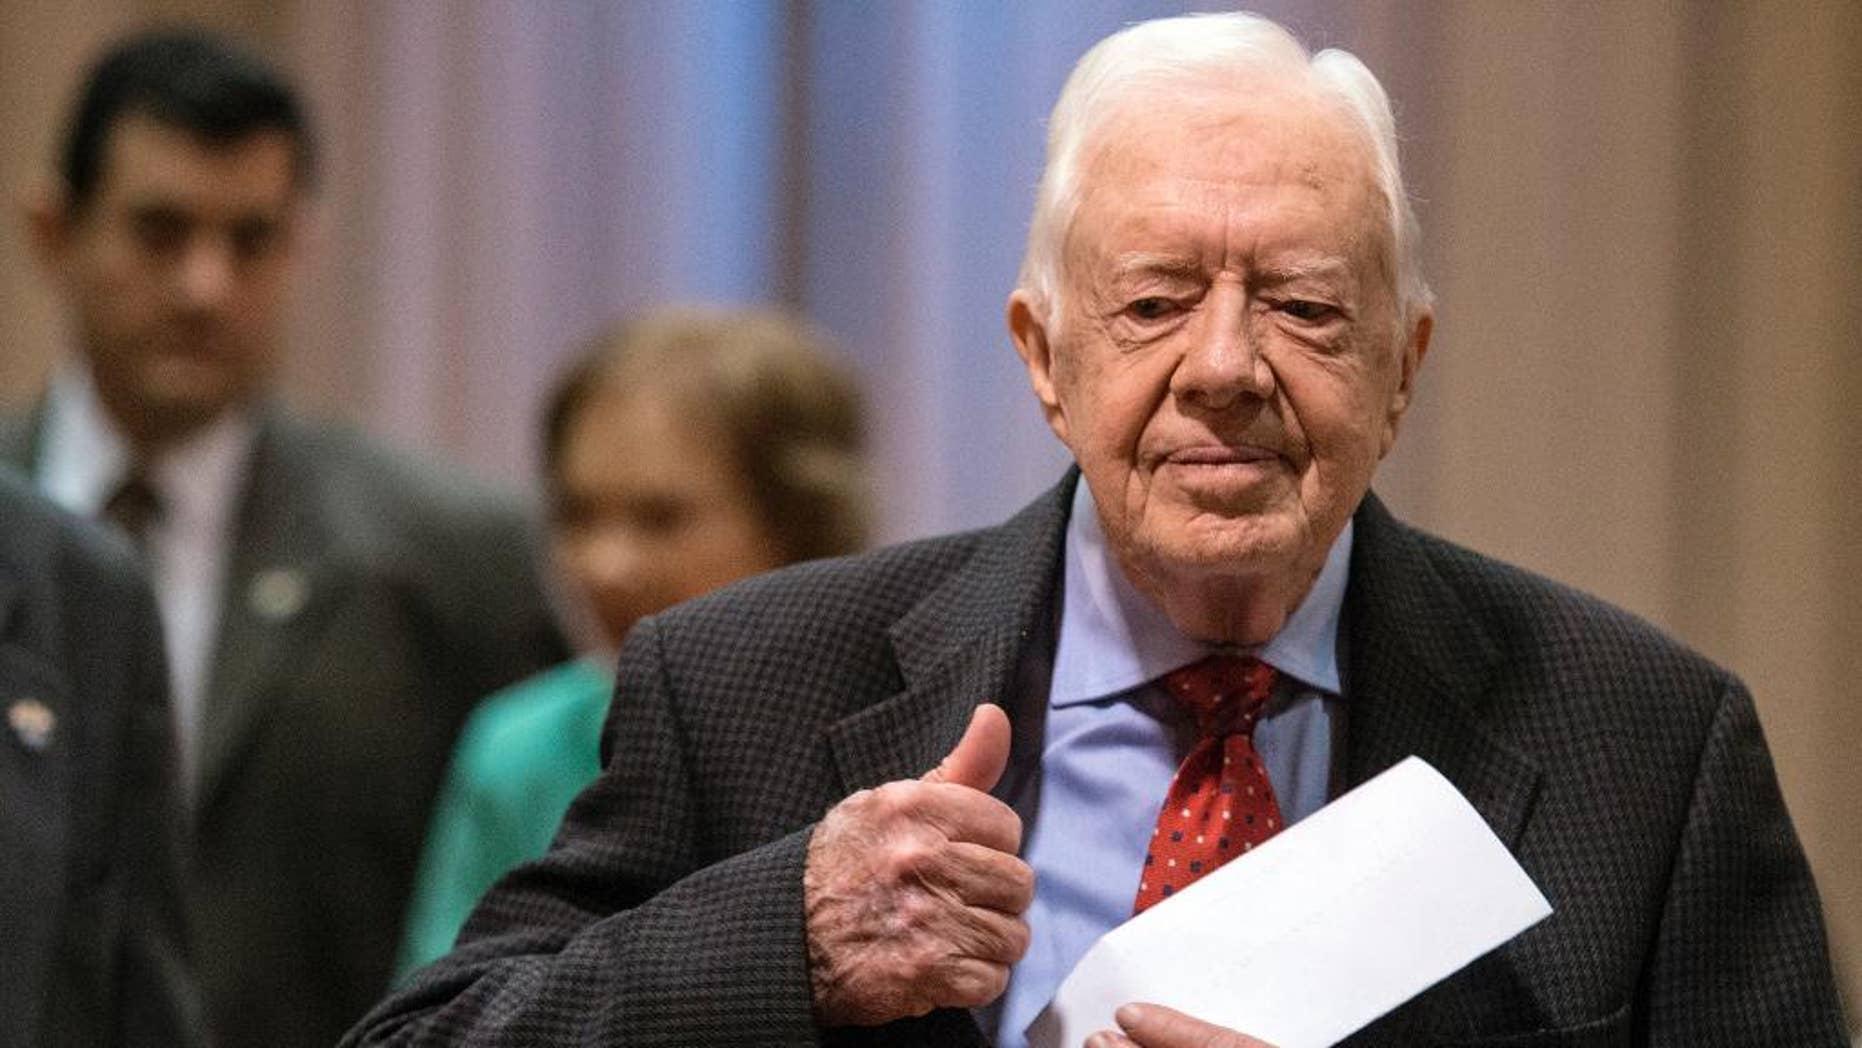 El expresidente de Estados Unidos Jimmy Carter llega a una conferencia de prensa acompañado de su esposa Rosalynn en Atlanta el jueves 20 de agosto de 2015.  (Foto AP/Ron Harris)